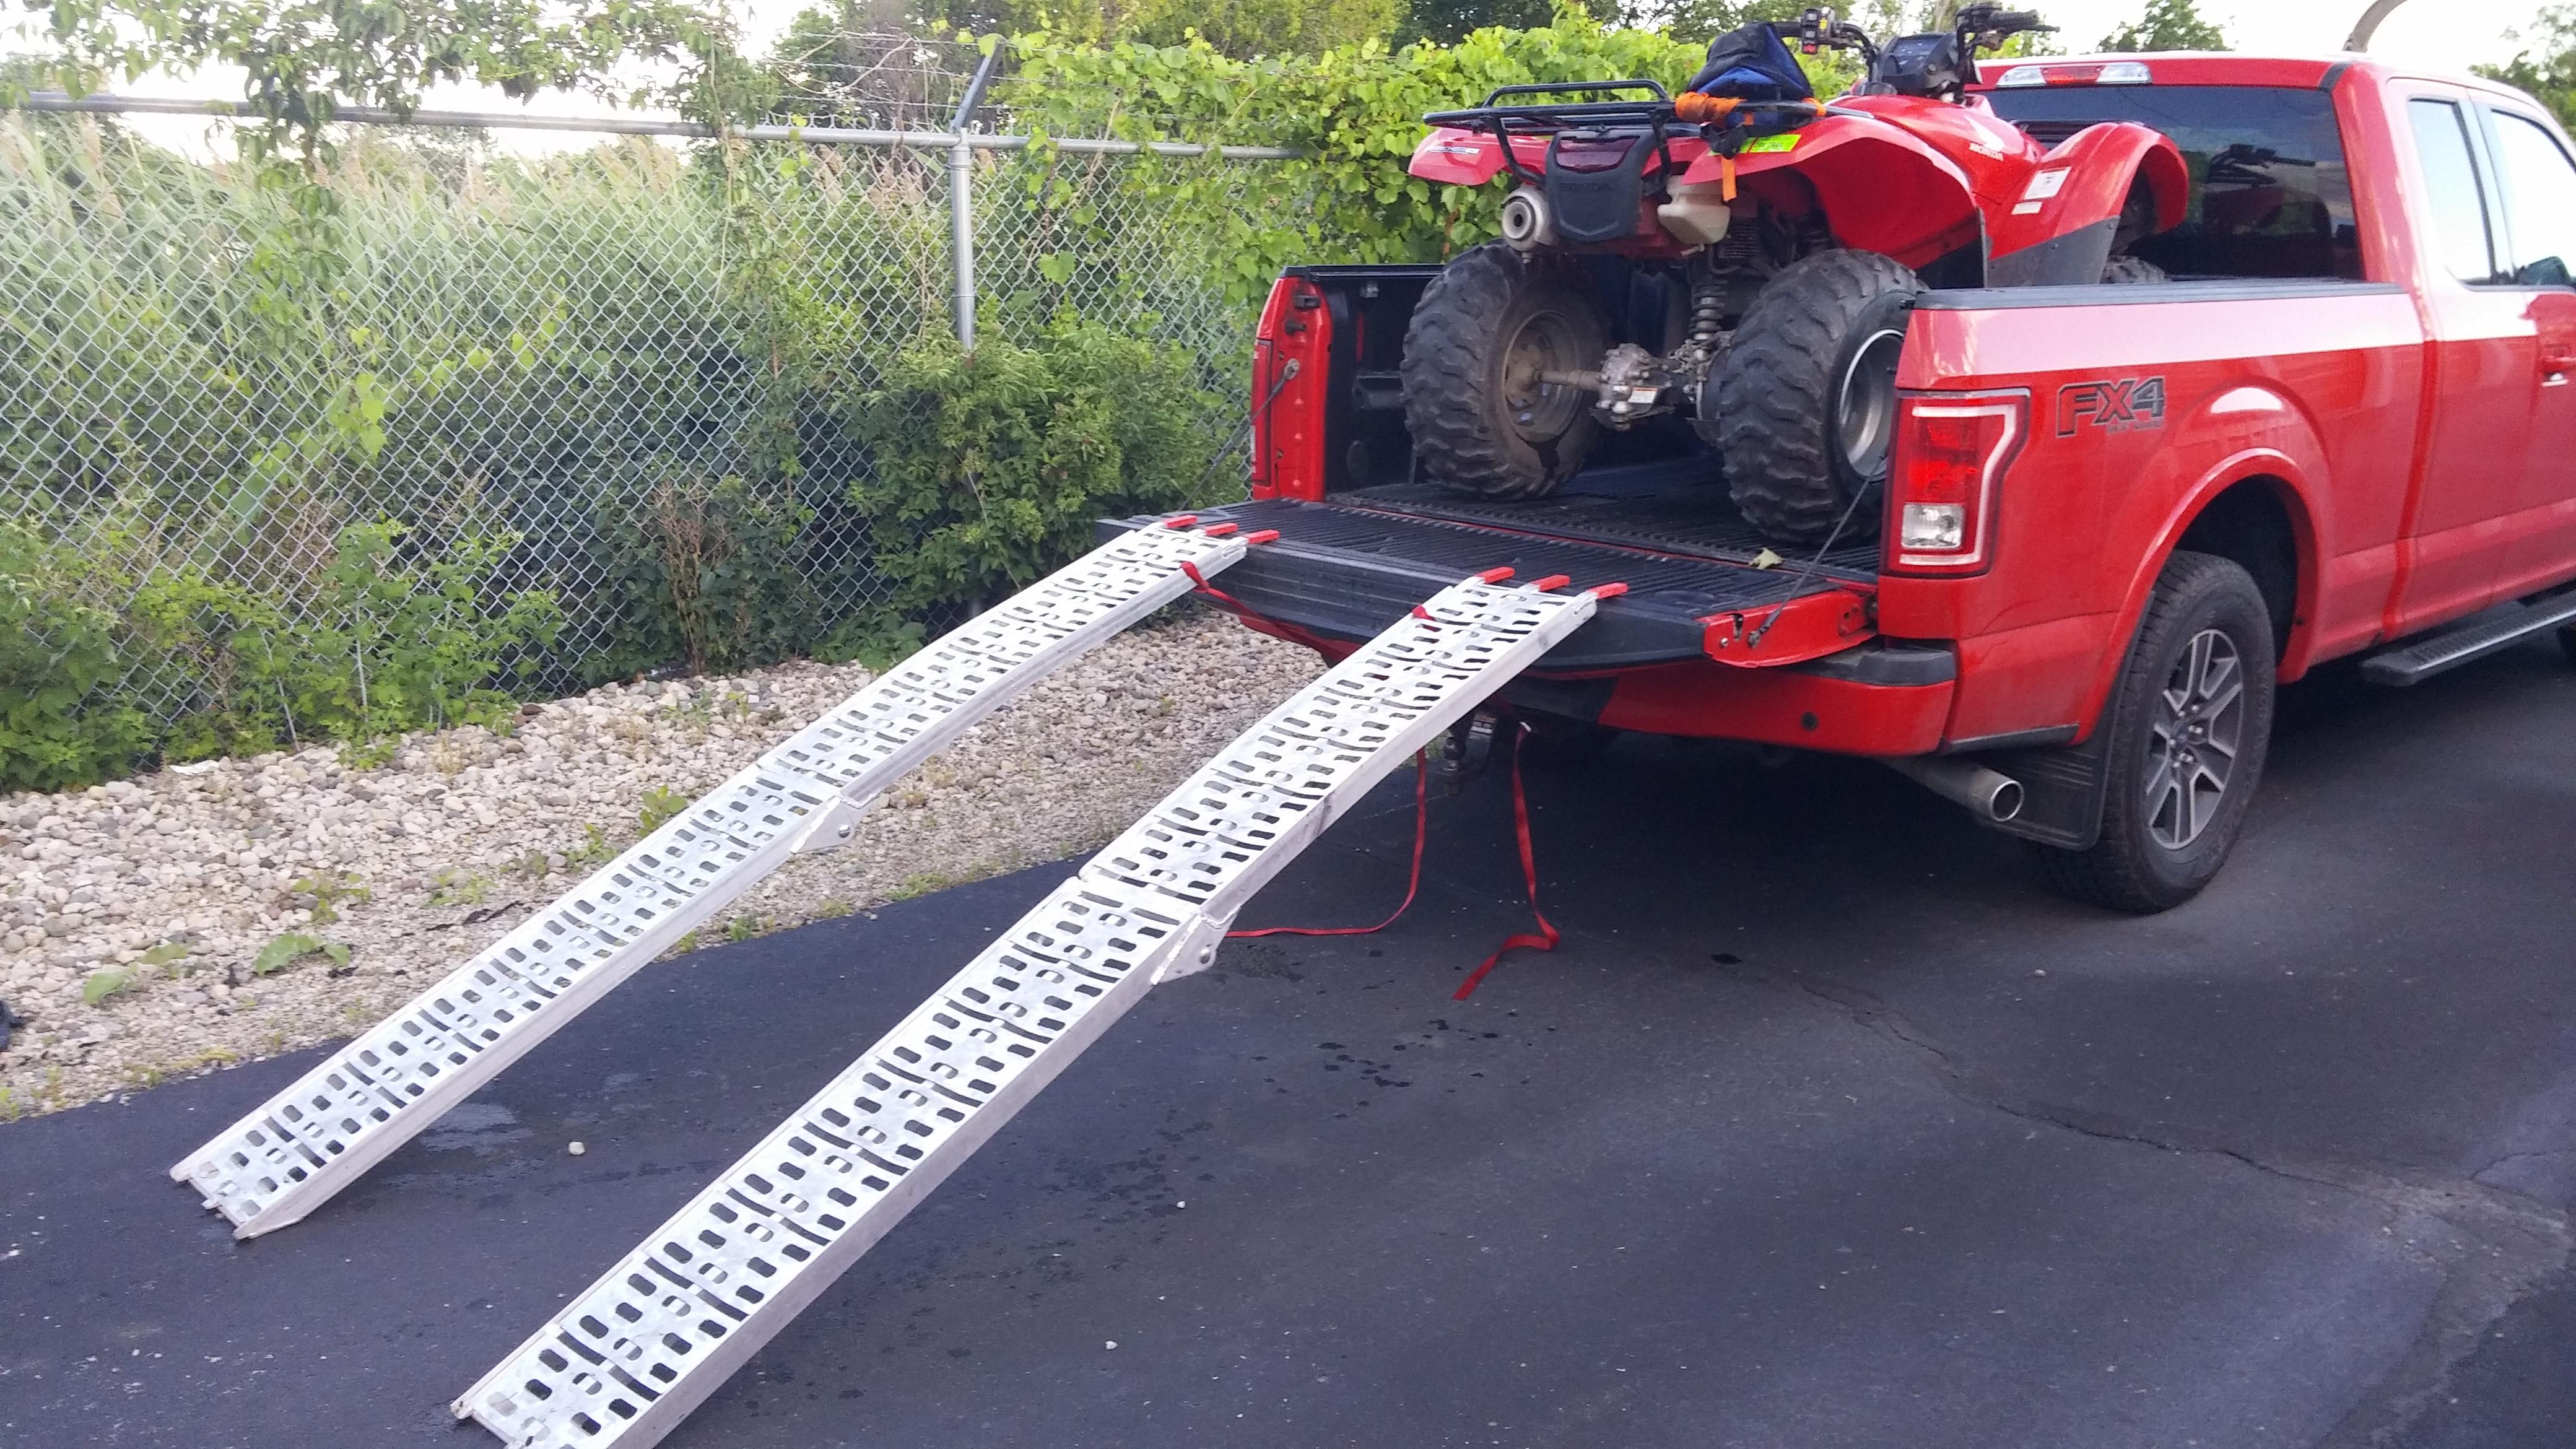 Atv Truck Ramps >> F/S: 2 Honda Rancher 420 4X4 + Utility Trailer and Ramps $9.5k obo - Honda ATV Forum